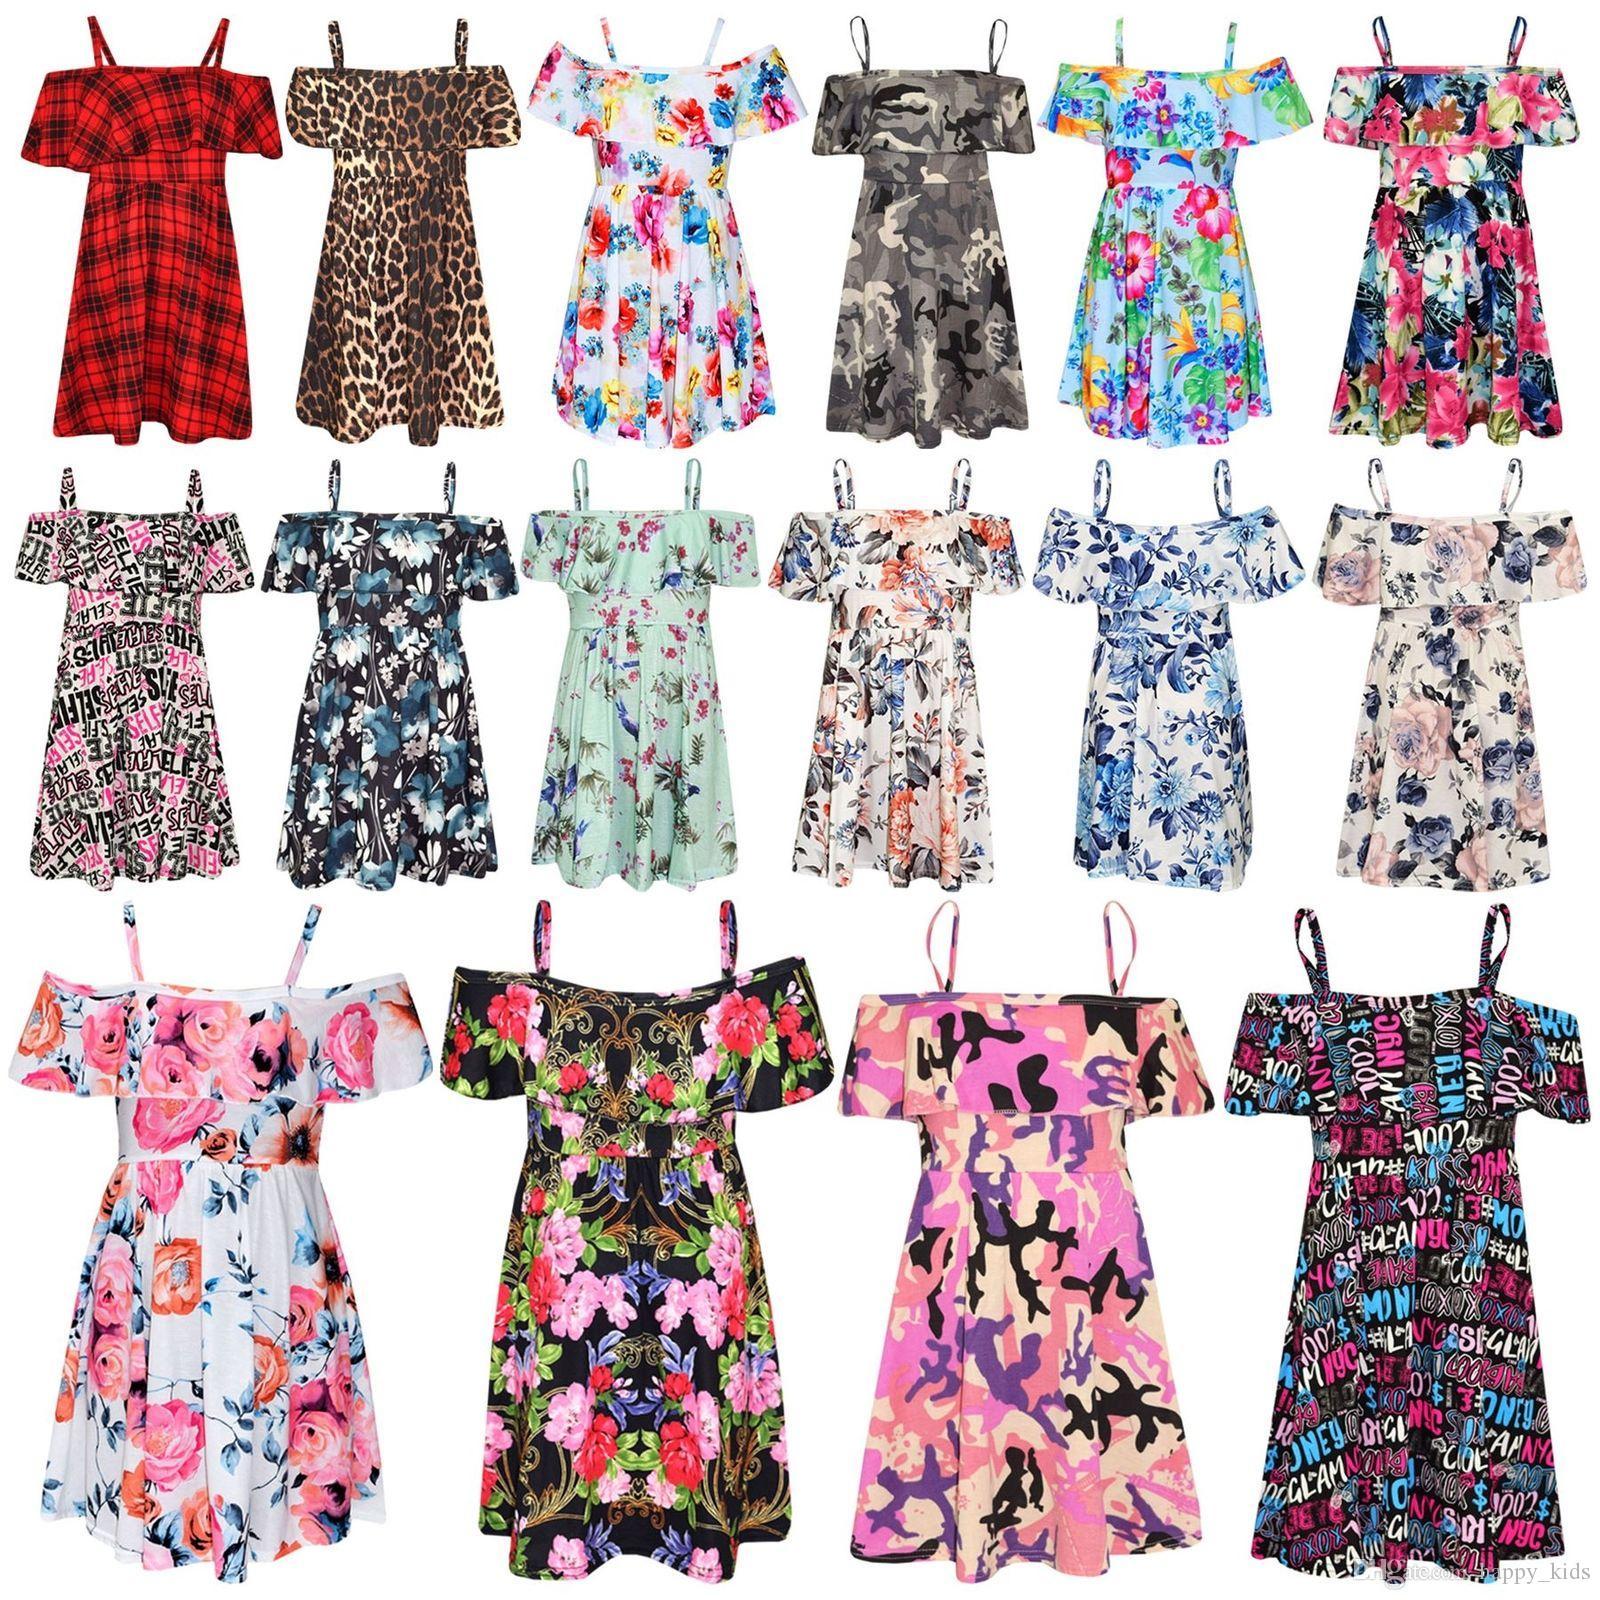 Acquista Ragazze Abiti Ragazze Skater Dress Bambini Floral Print Summer  Party Off Abiti Spalla 5 13 Anni Ragazze Abbigliamento A  15.77 Dal  Happy kids ... efd661ec9f6